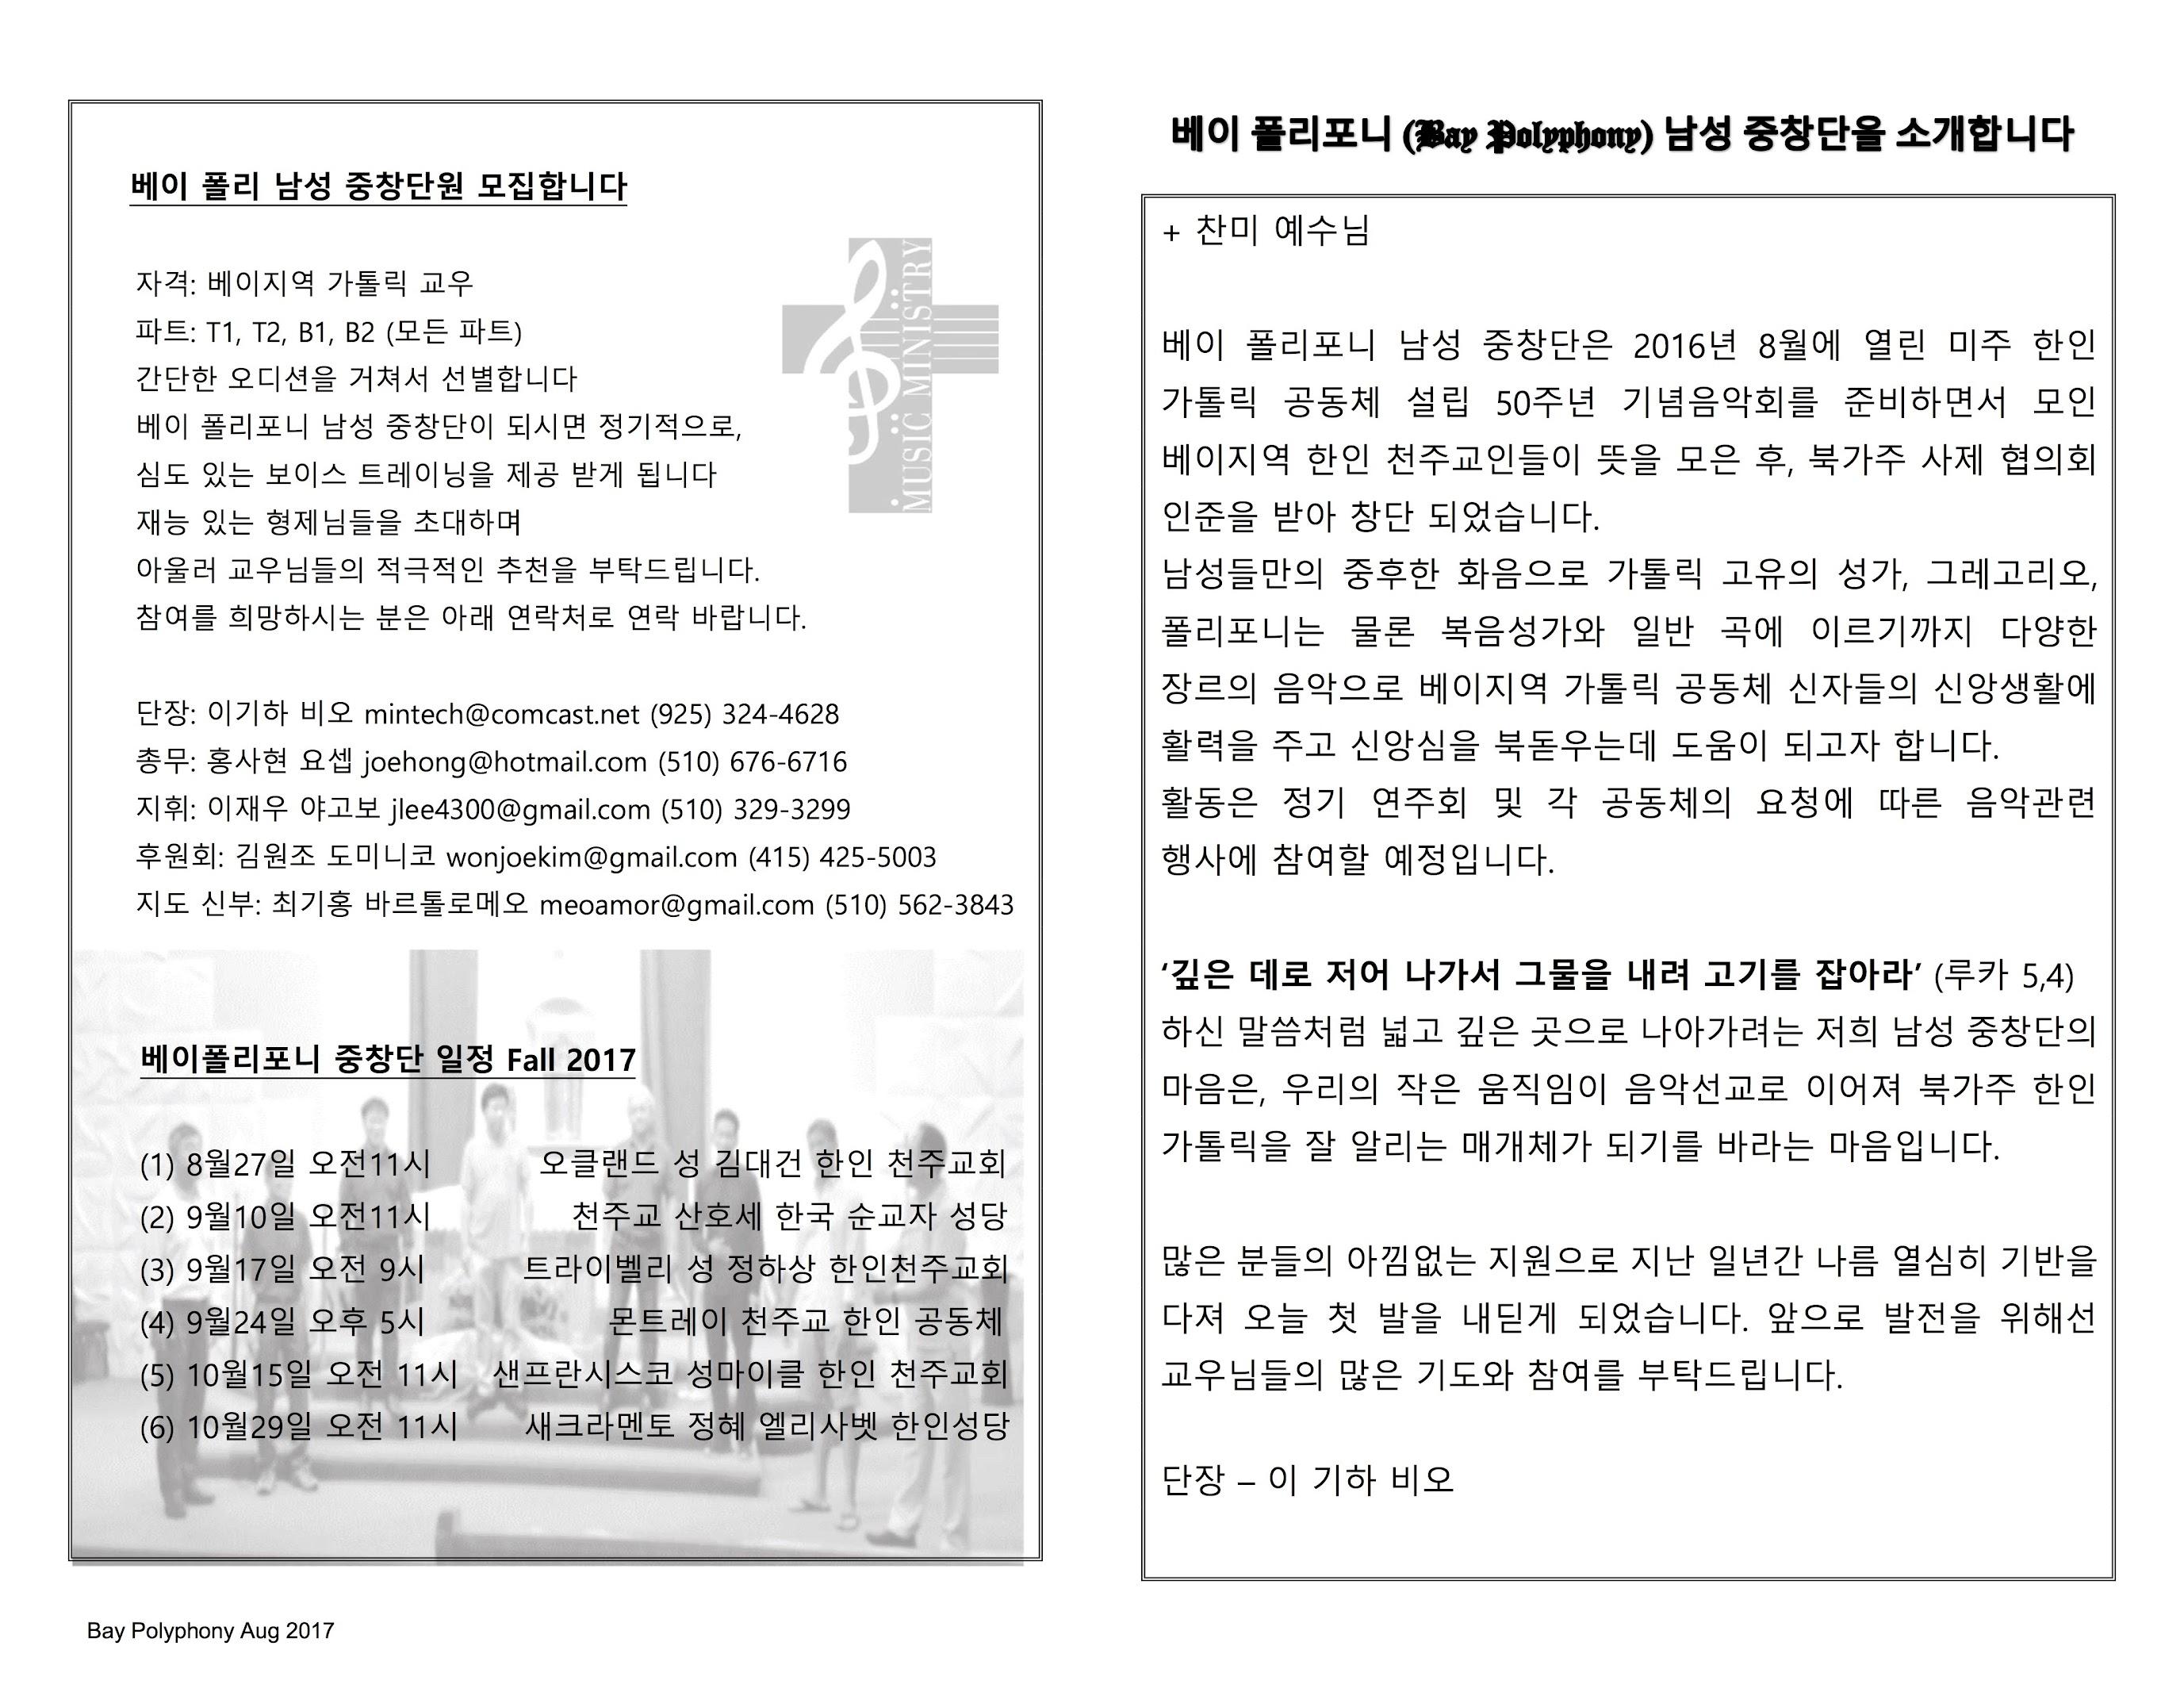 베이 폴리포니(Bay Polyphony), 북가주 한인 천주교 남성 중창단